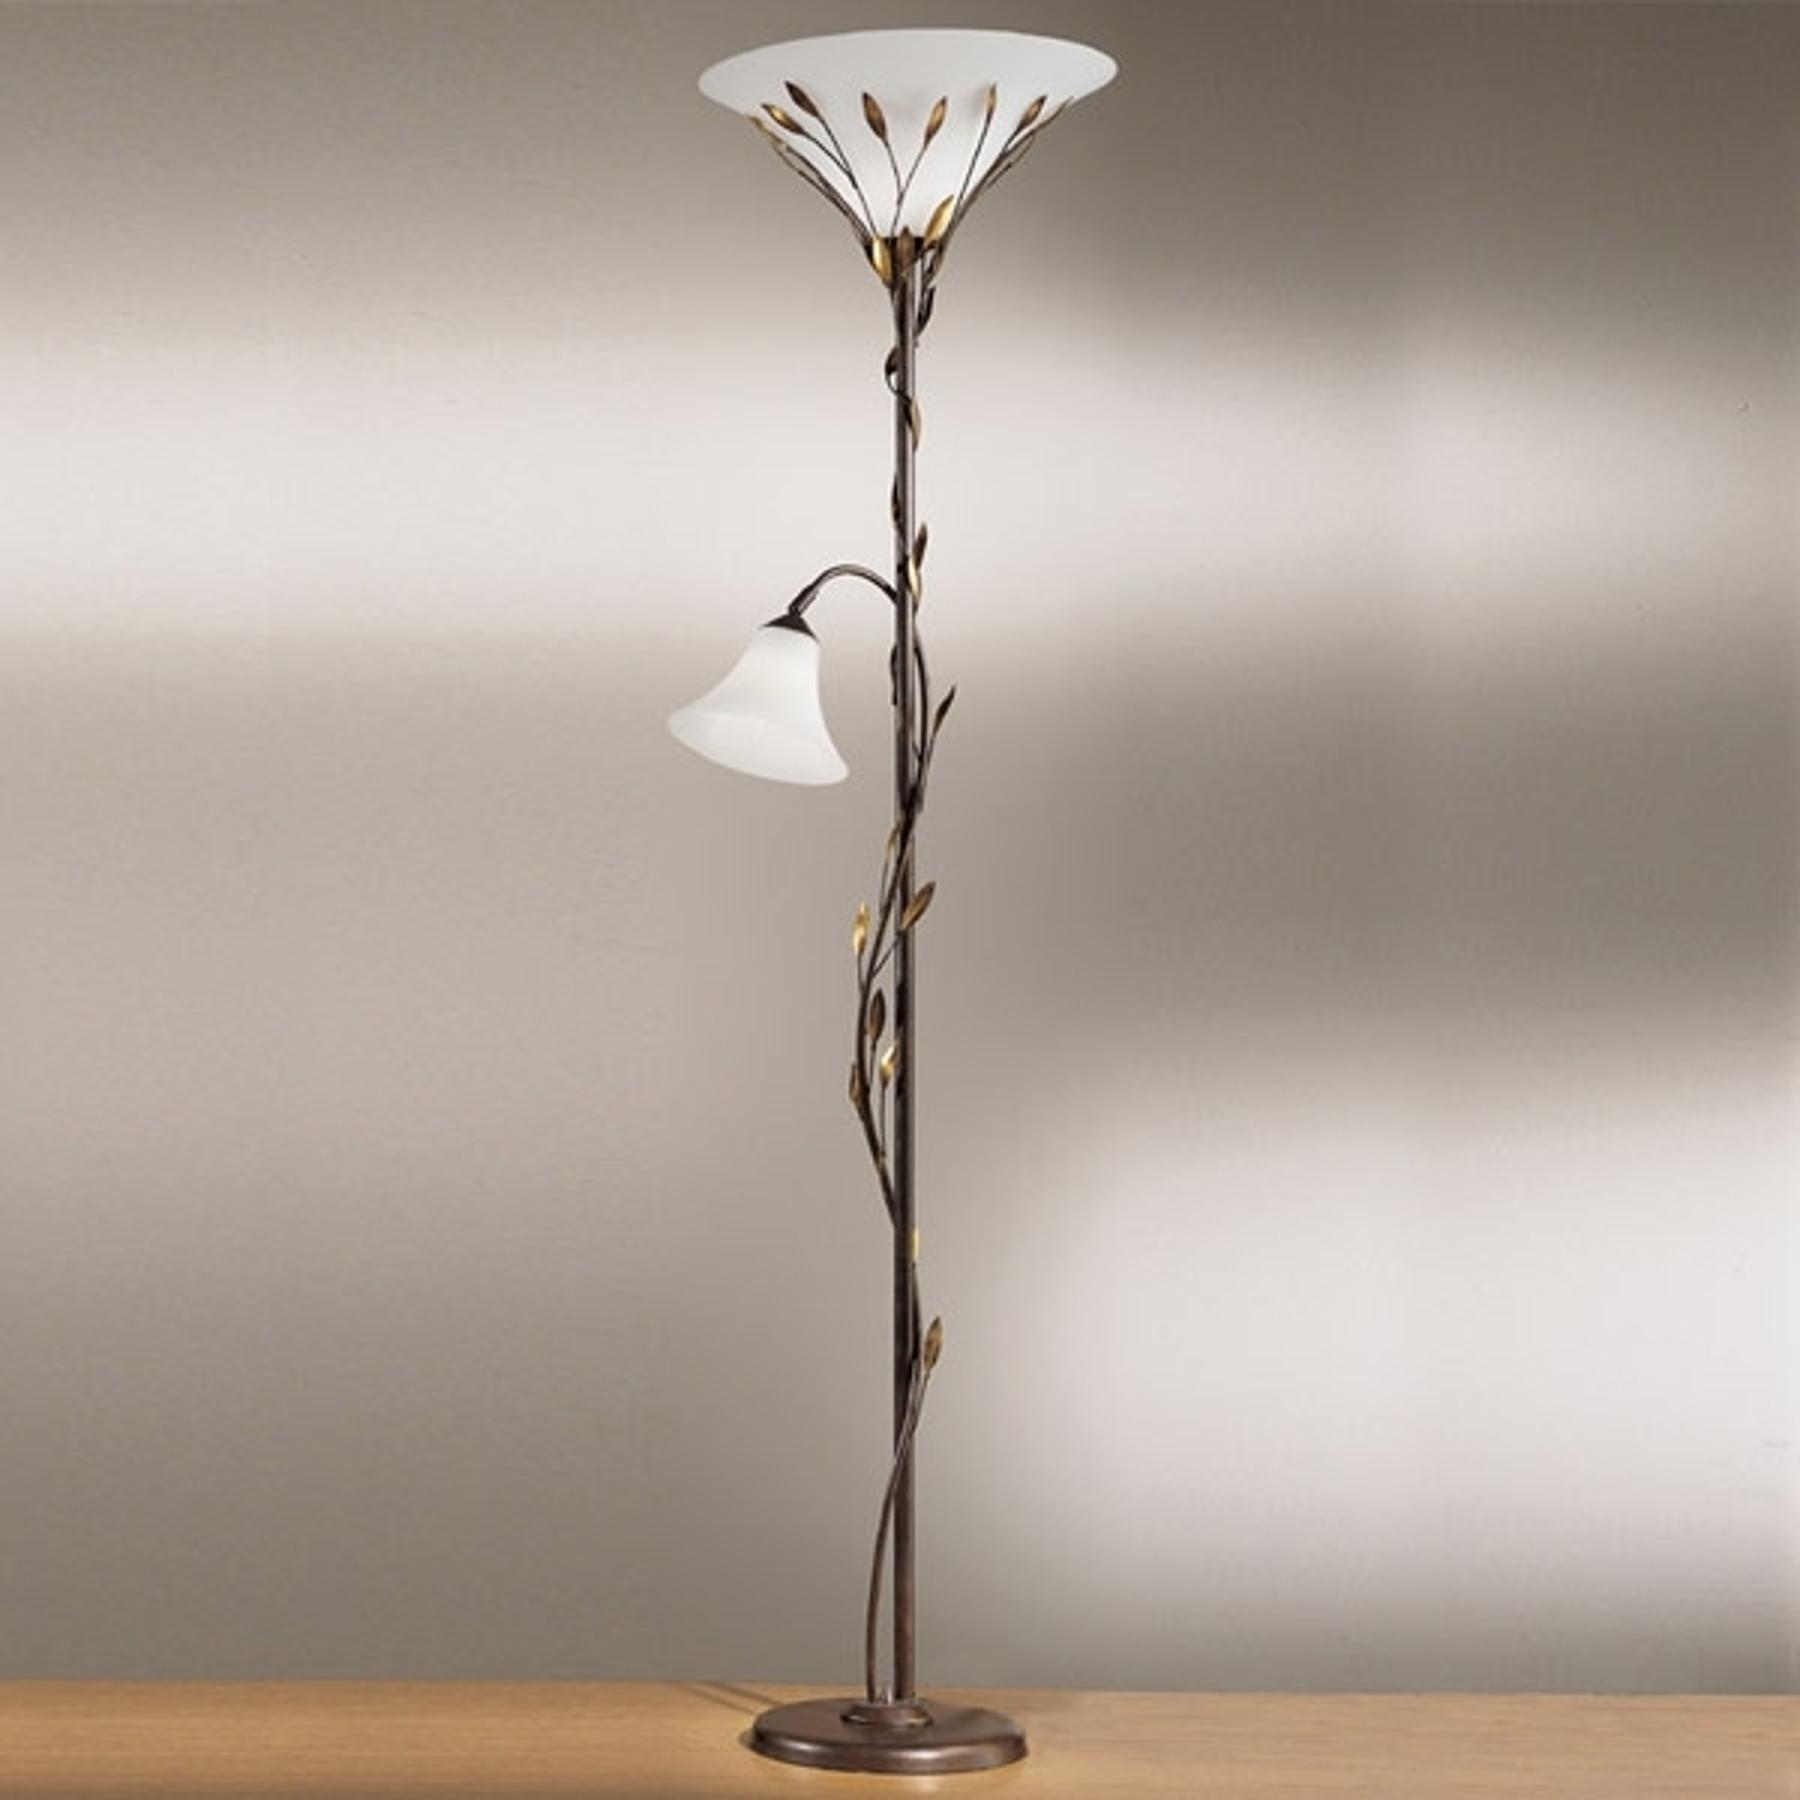 Lampa stojąca oświetlająca sufit CAMPANA